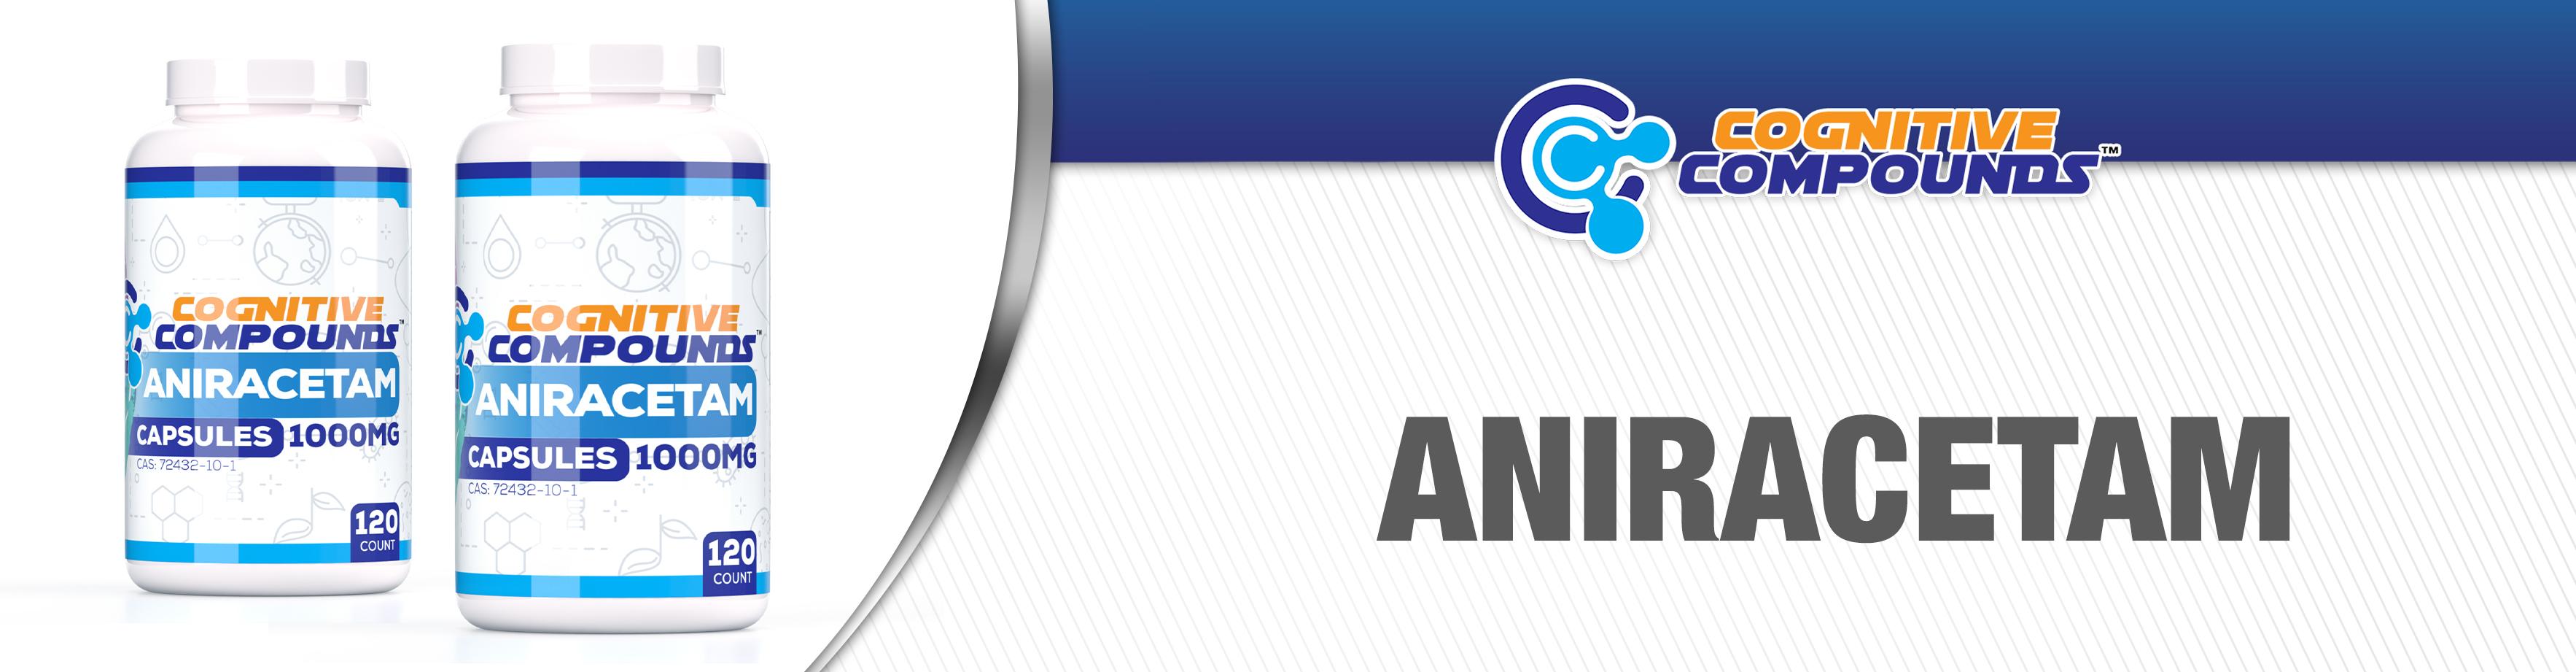 aniracetam-capsules-10-21.jpg